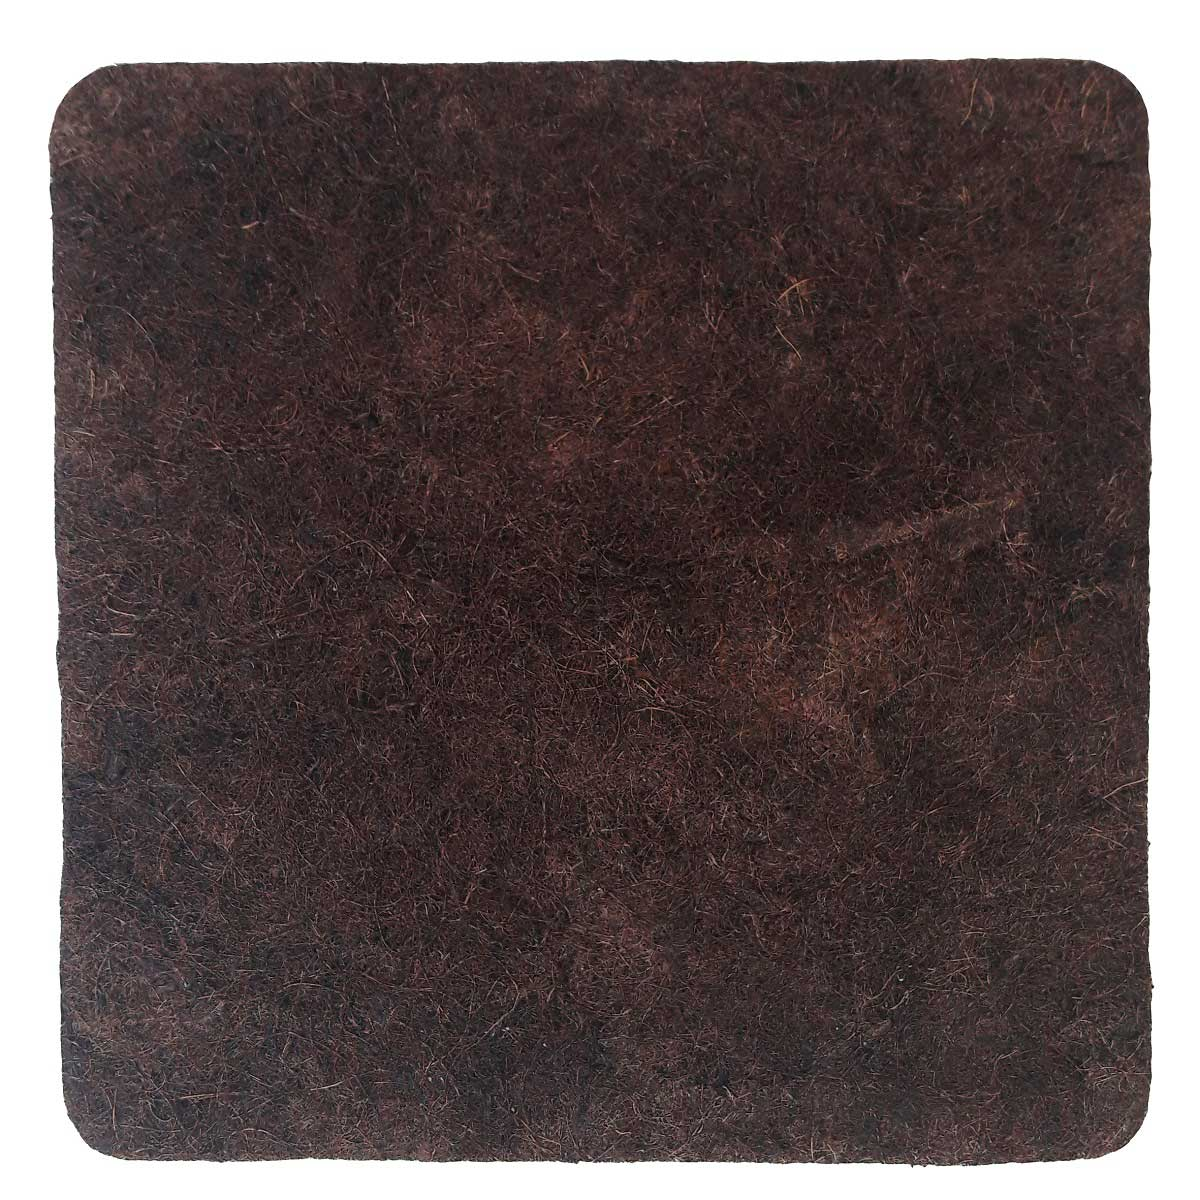 Placa com 40x40 Cm em Fibra de Coco - COQUIM